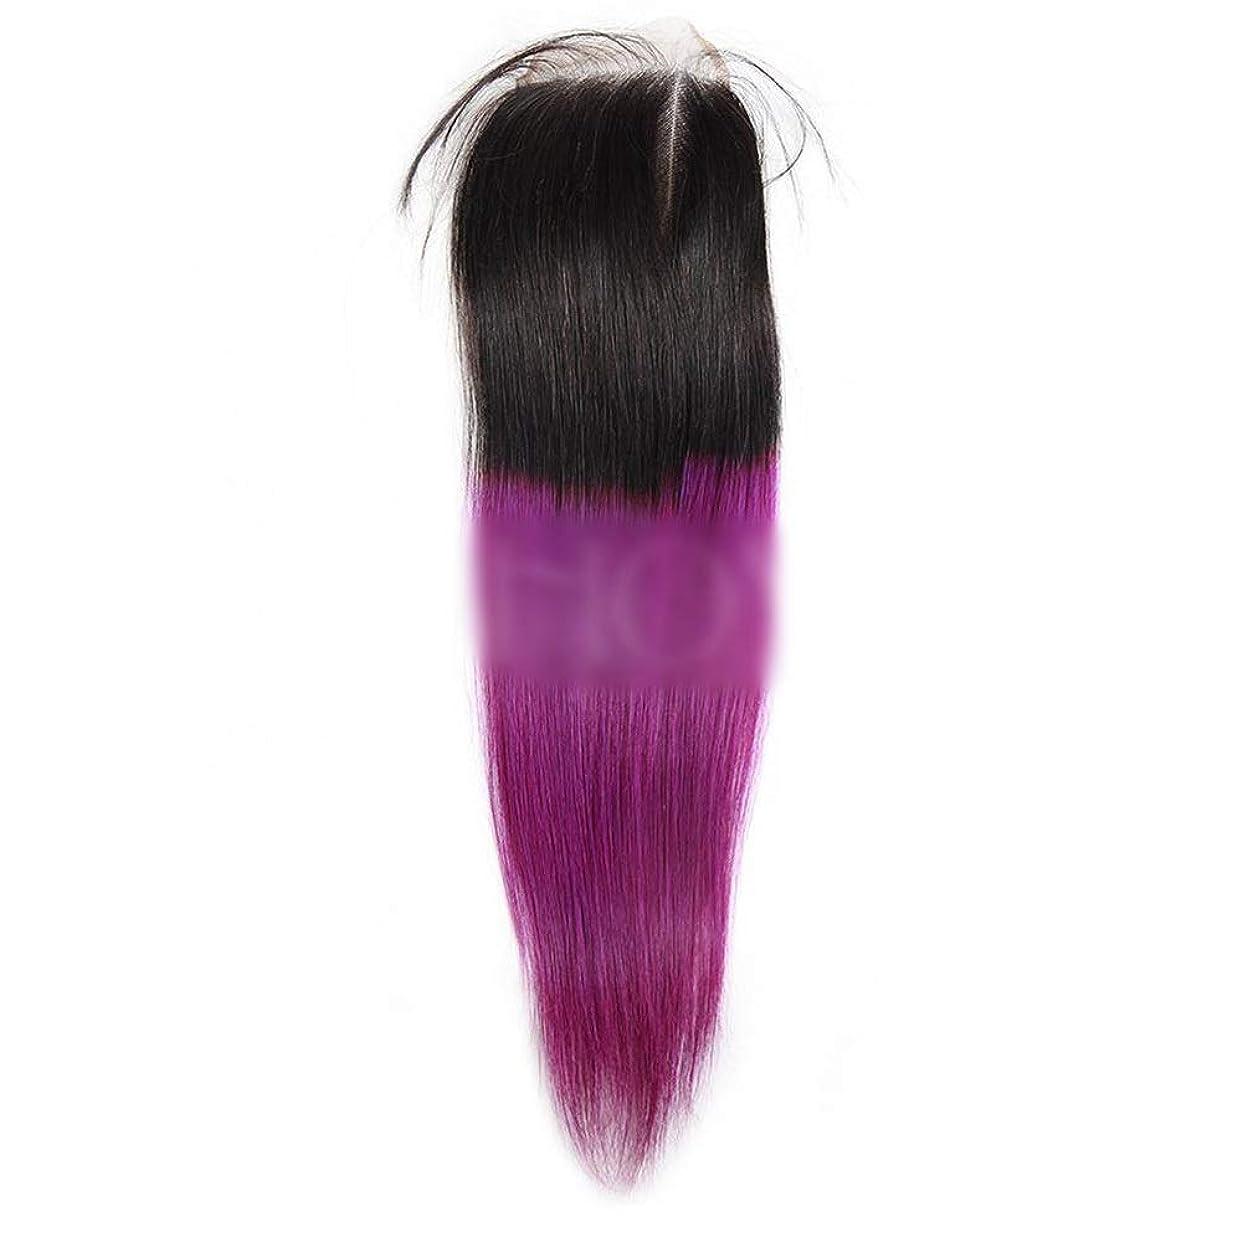 長いですランチョン裁判官HOHYLLYA 100%人間の髪の毛のブラジルストレートヘアトリートメント前頭閉鎖T1B /パープル2トーンカラーロールプレイングかつら女性のかつら (色 : Closure, サイズ : 12 inch)